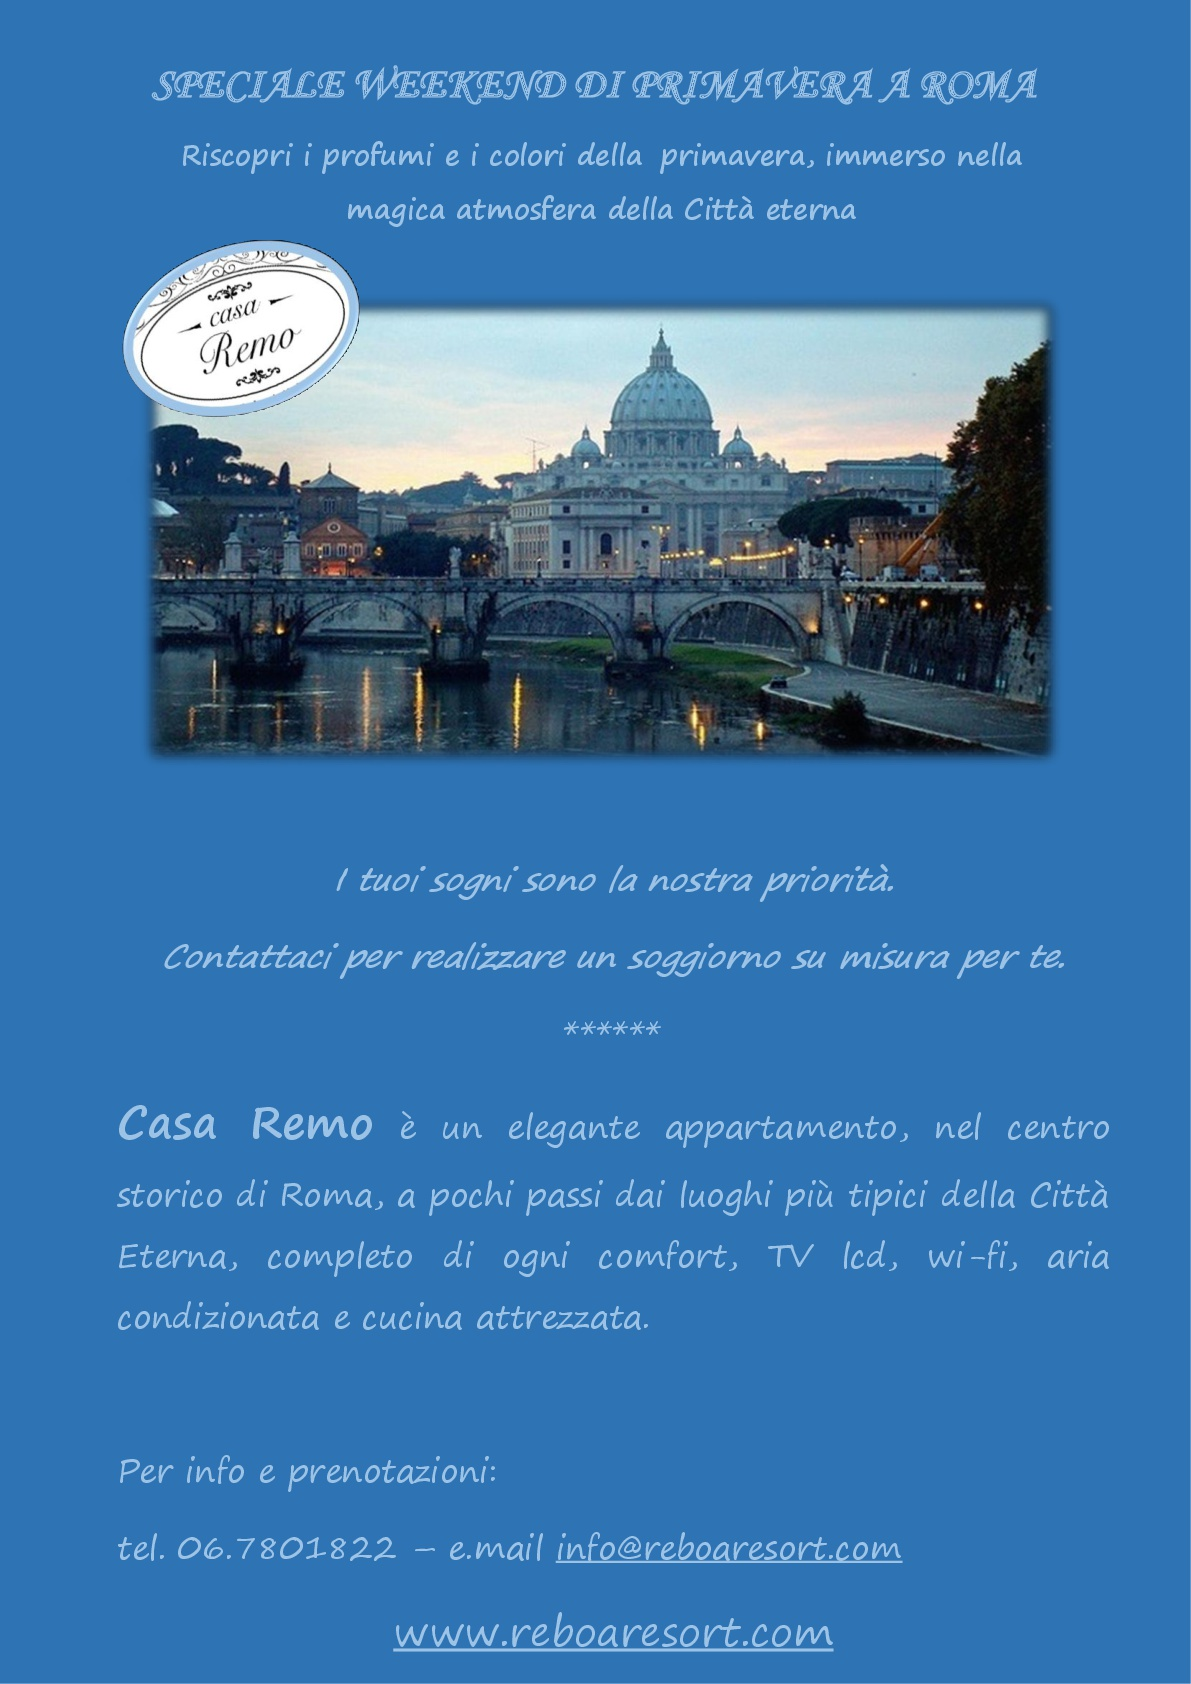 volantino-speciale-weekend-Casa-Remo-001-1.jpg